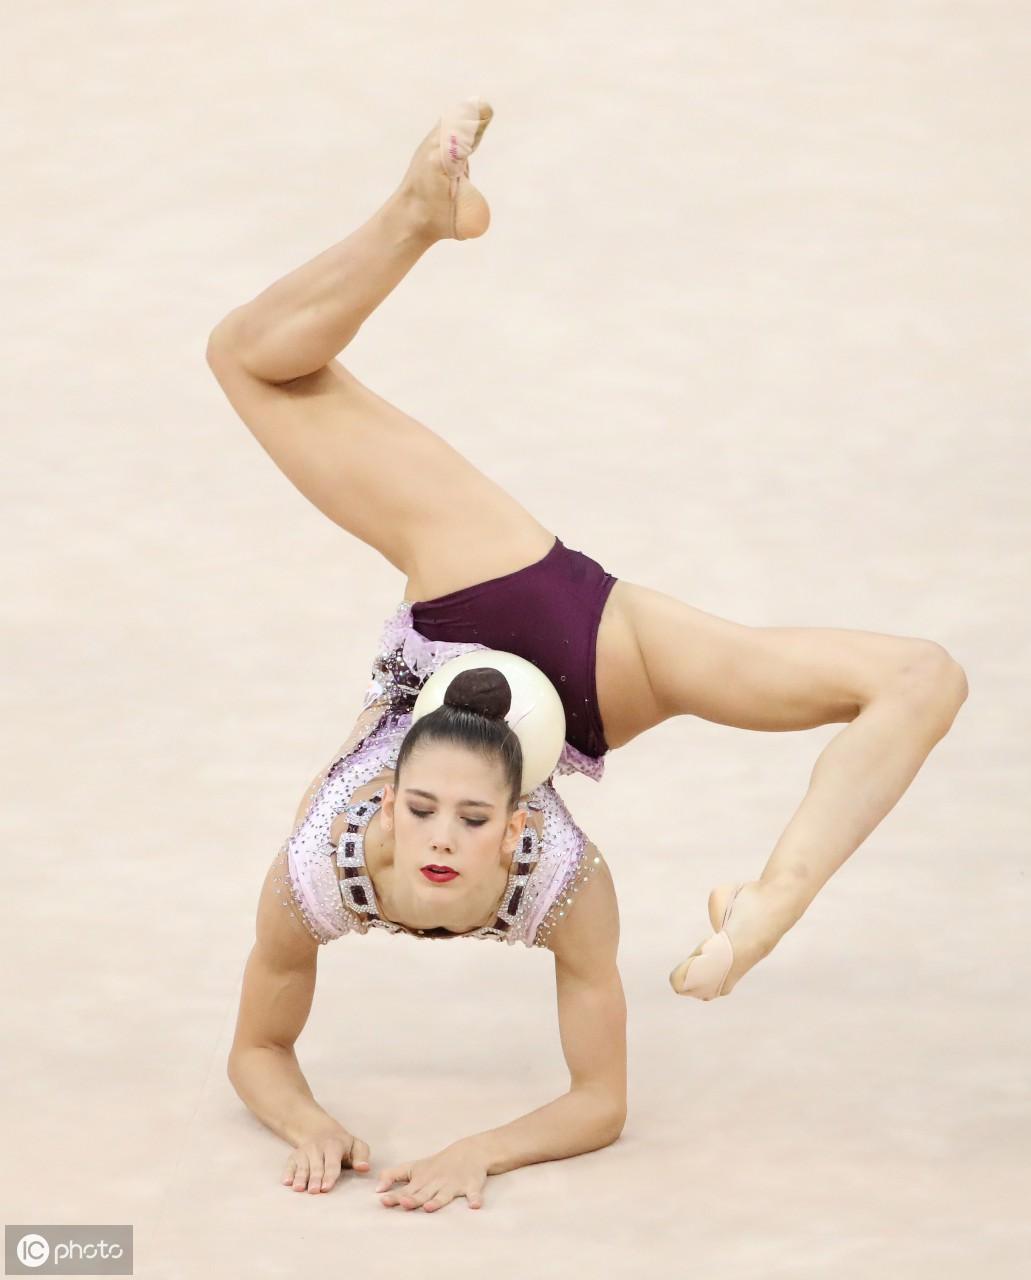 阿塞拜疆巴库举行的有节奏体操世界锦标赛个人全能决赛上表演